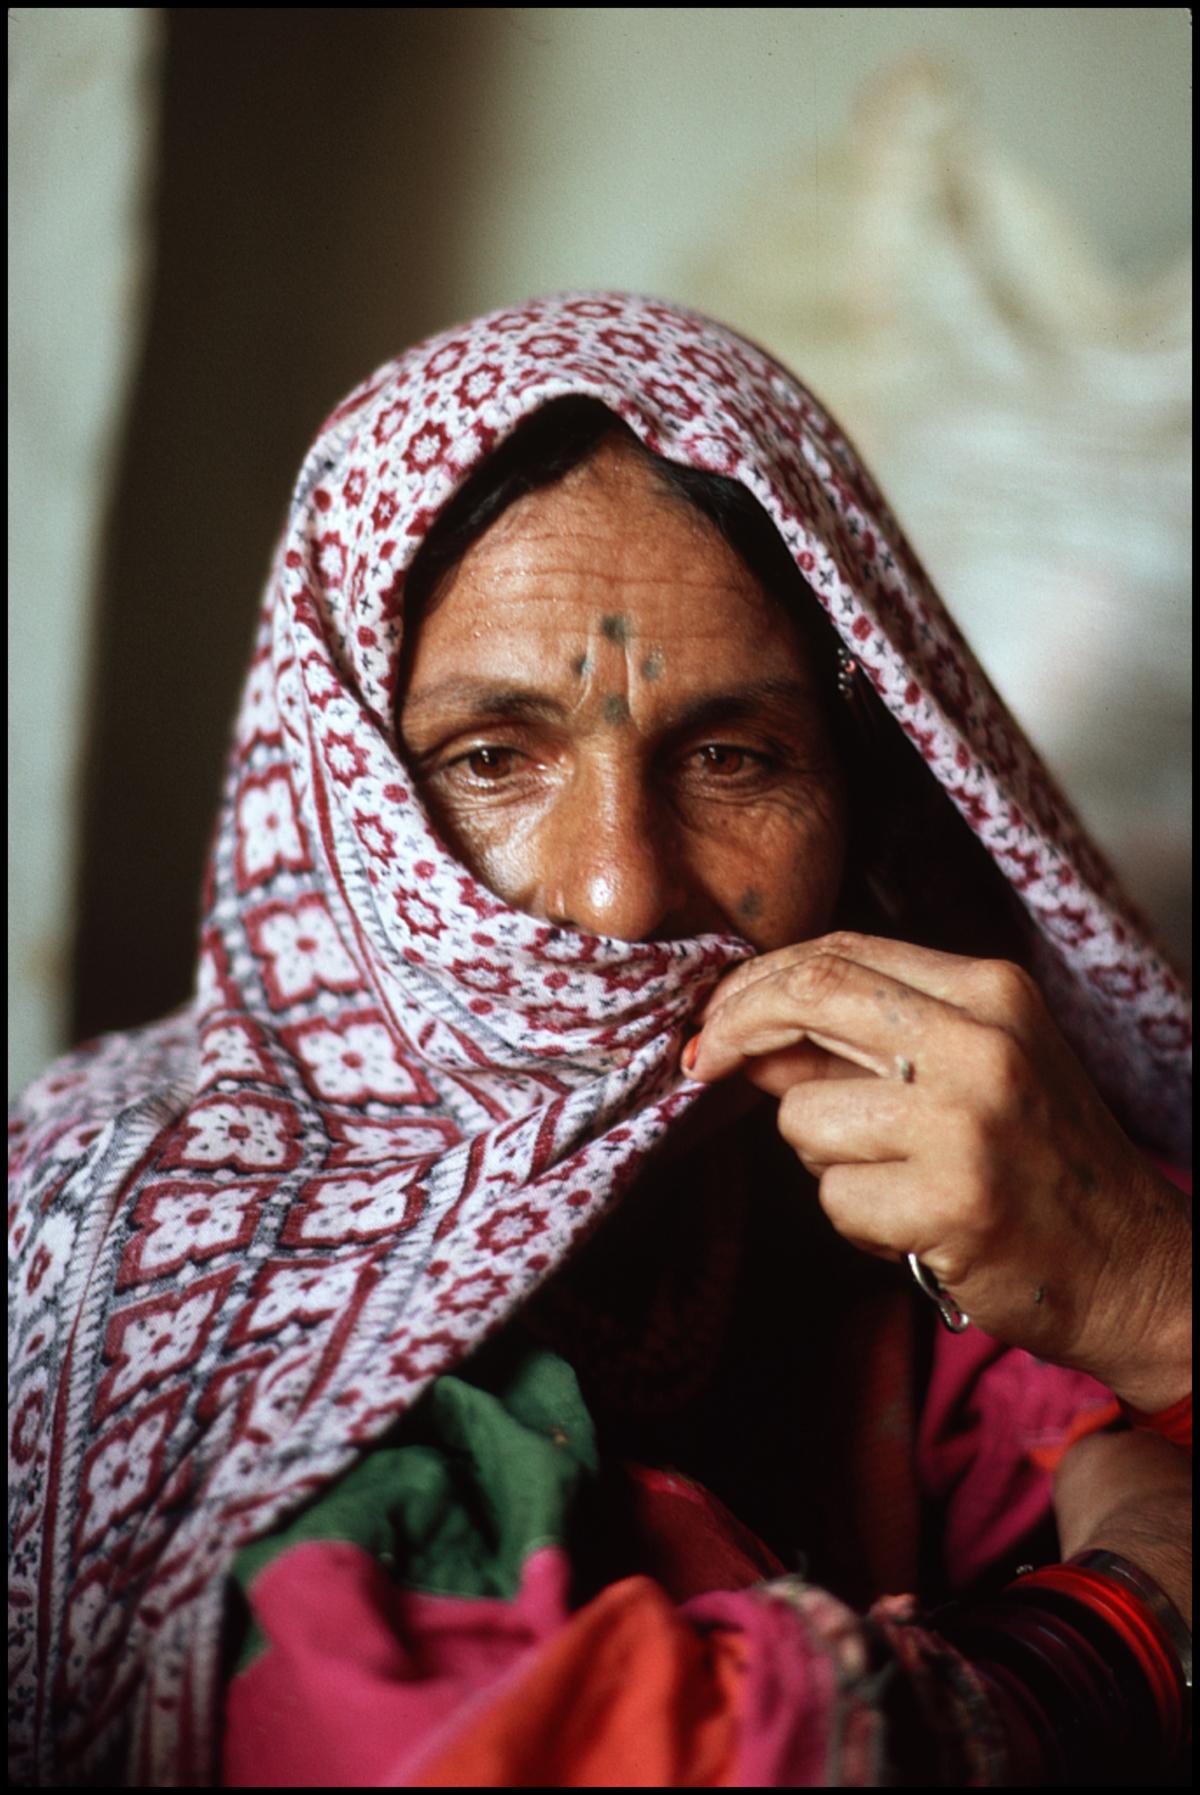 Peshawar, Pakistan --- Afghan Refugee in Pakistan